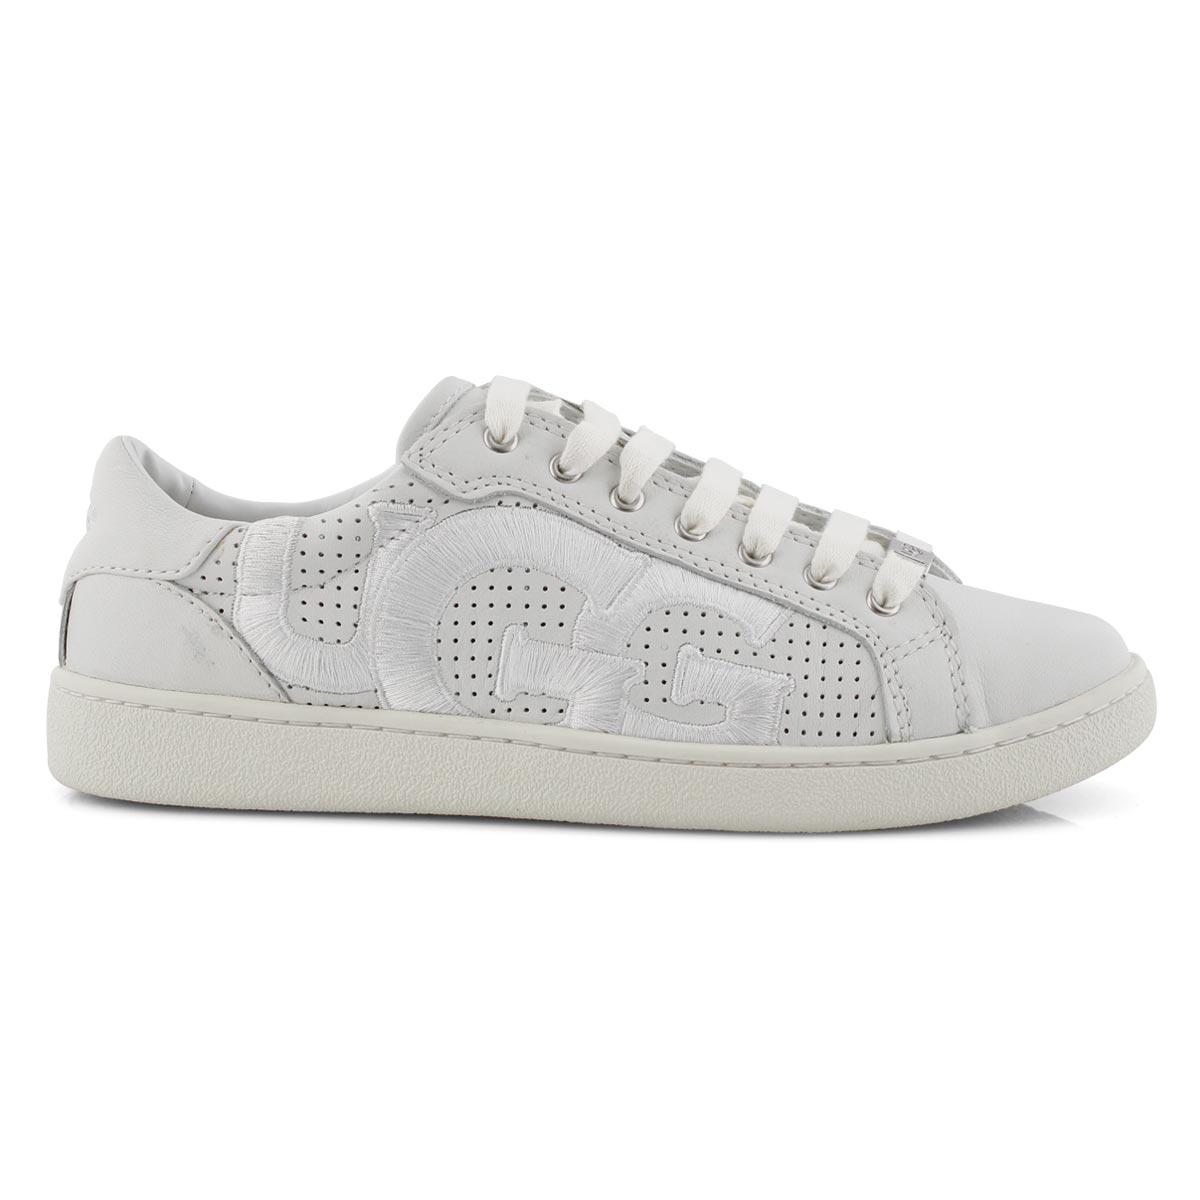 Lds Milo Graphic white casual sneaker